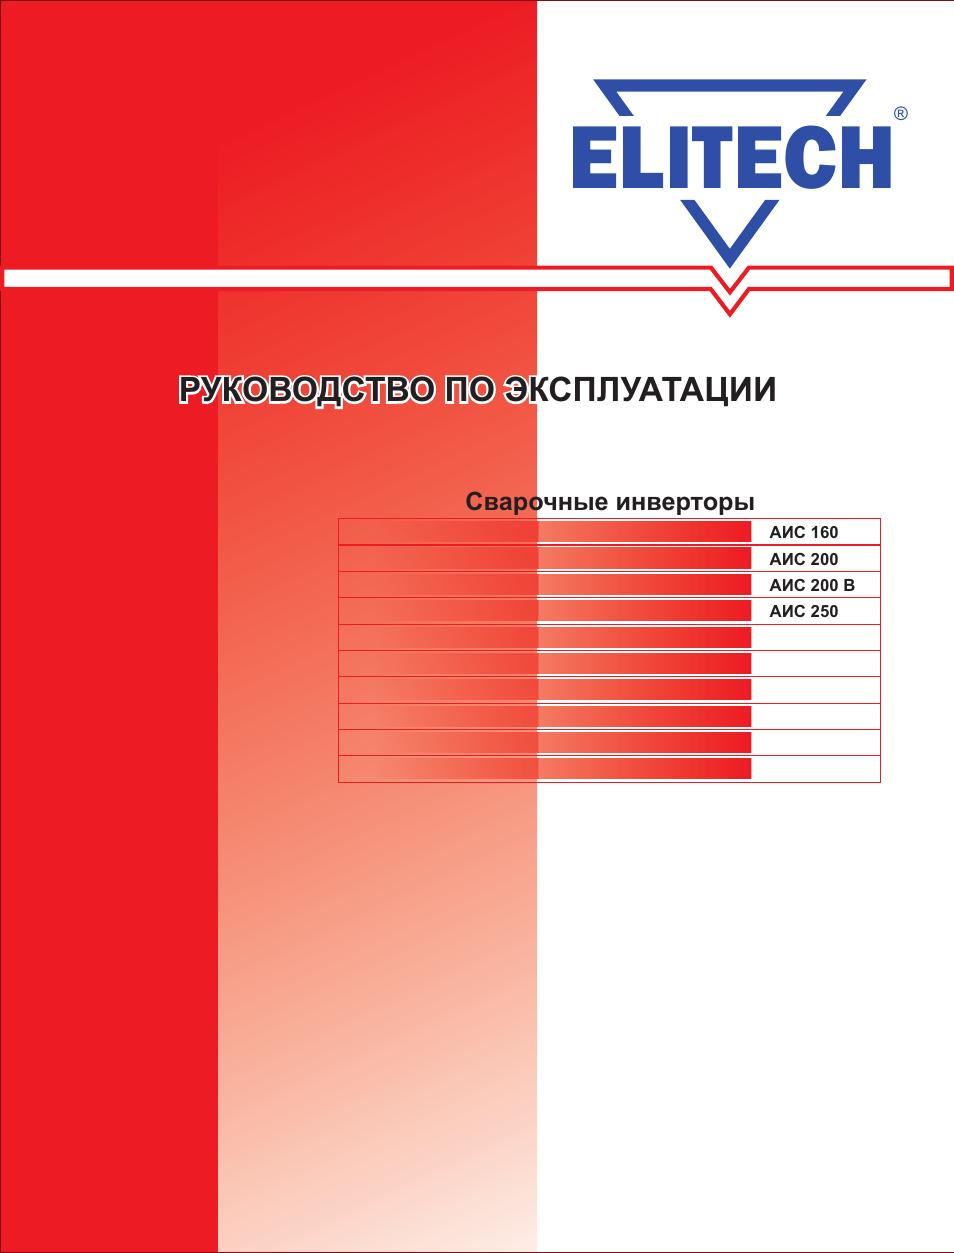 Сварочные инверторы ELITECH .